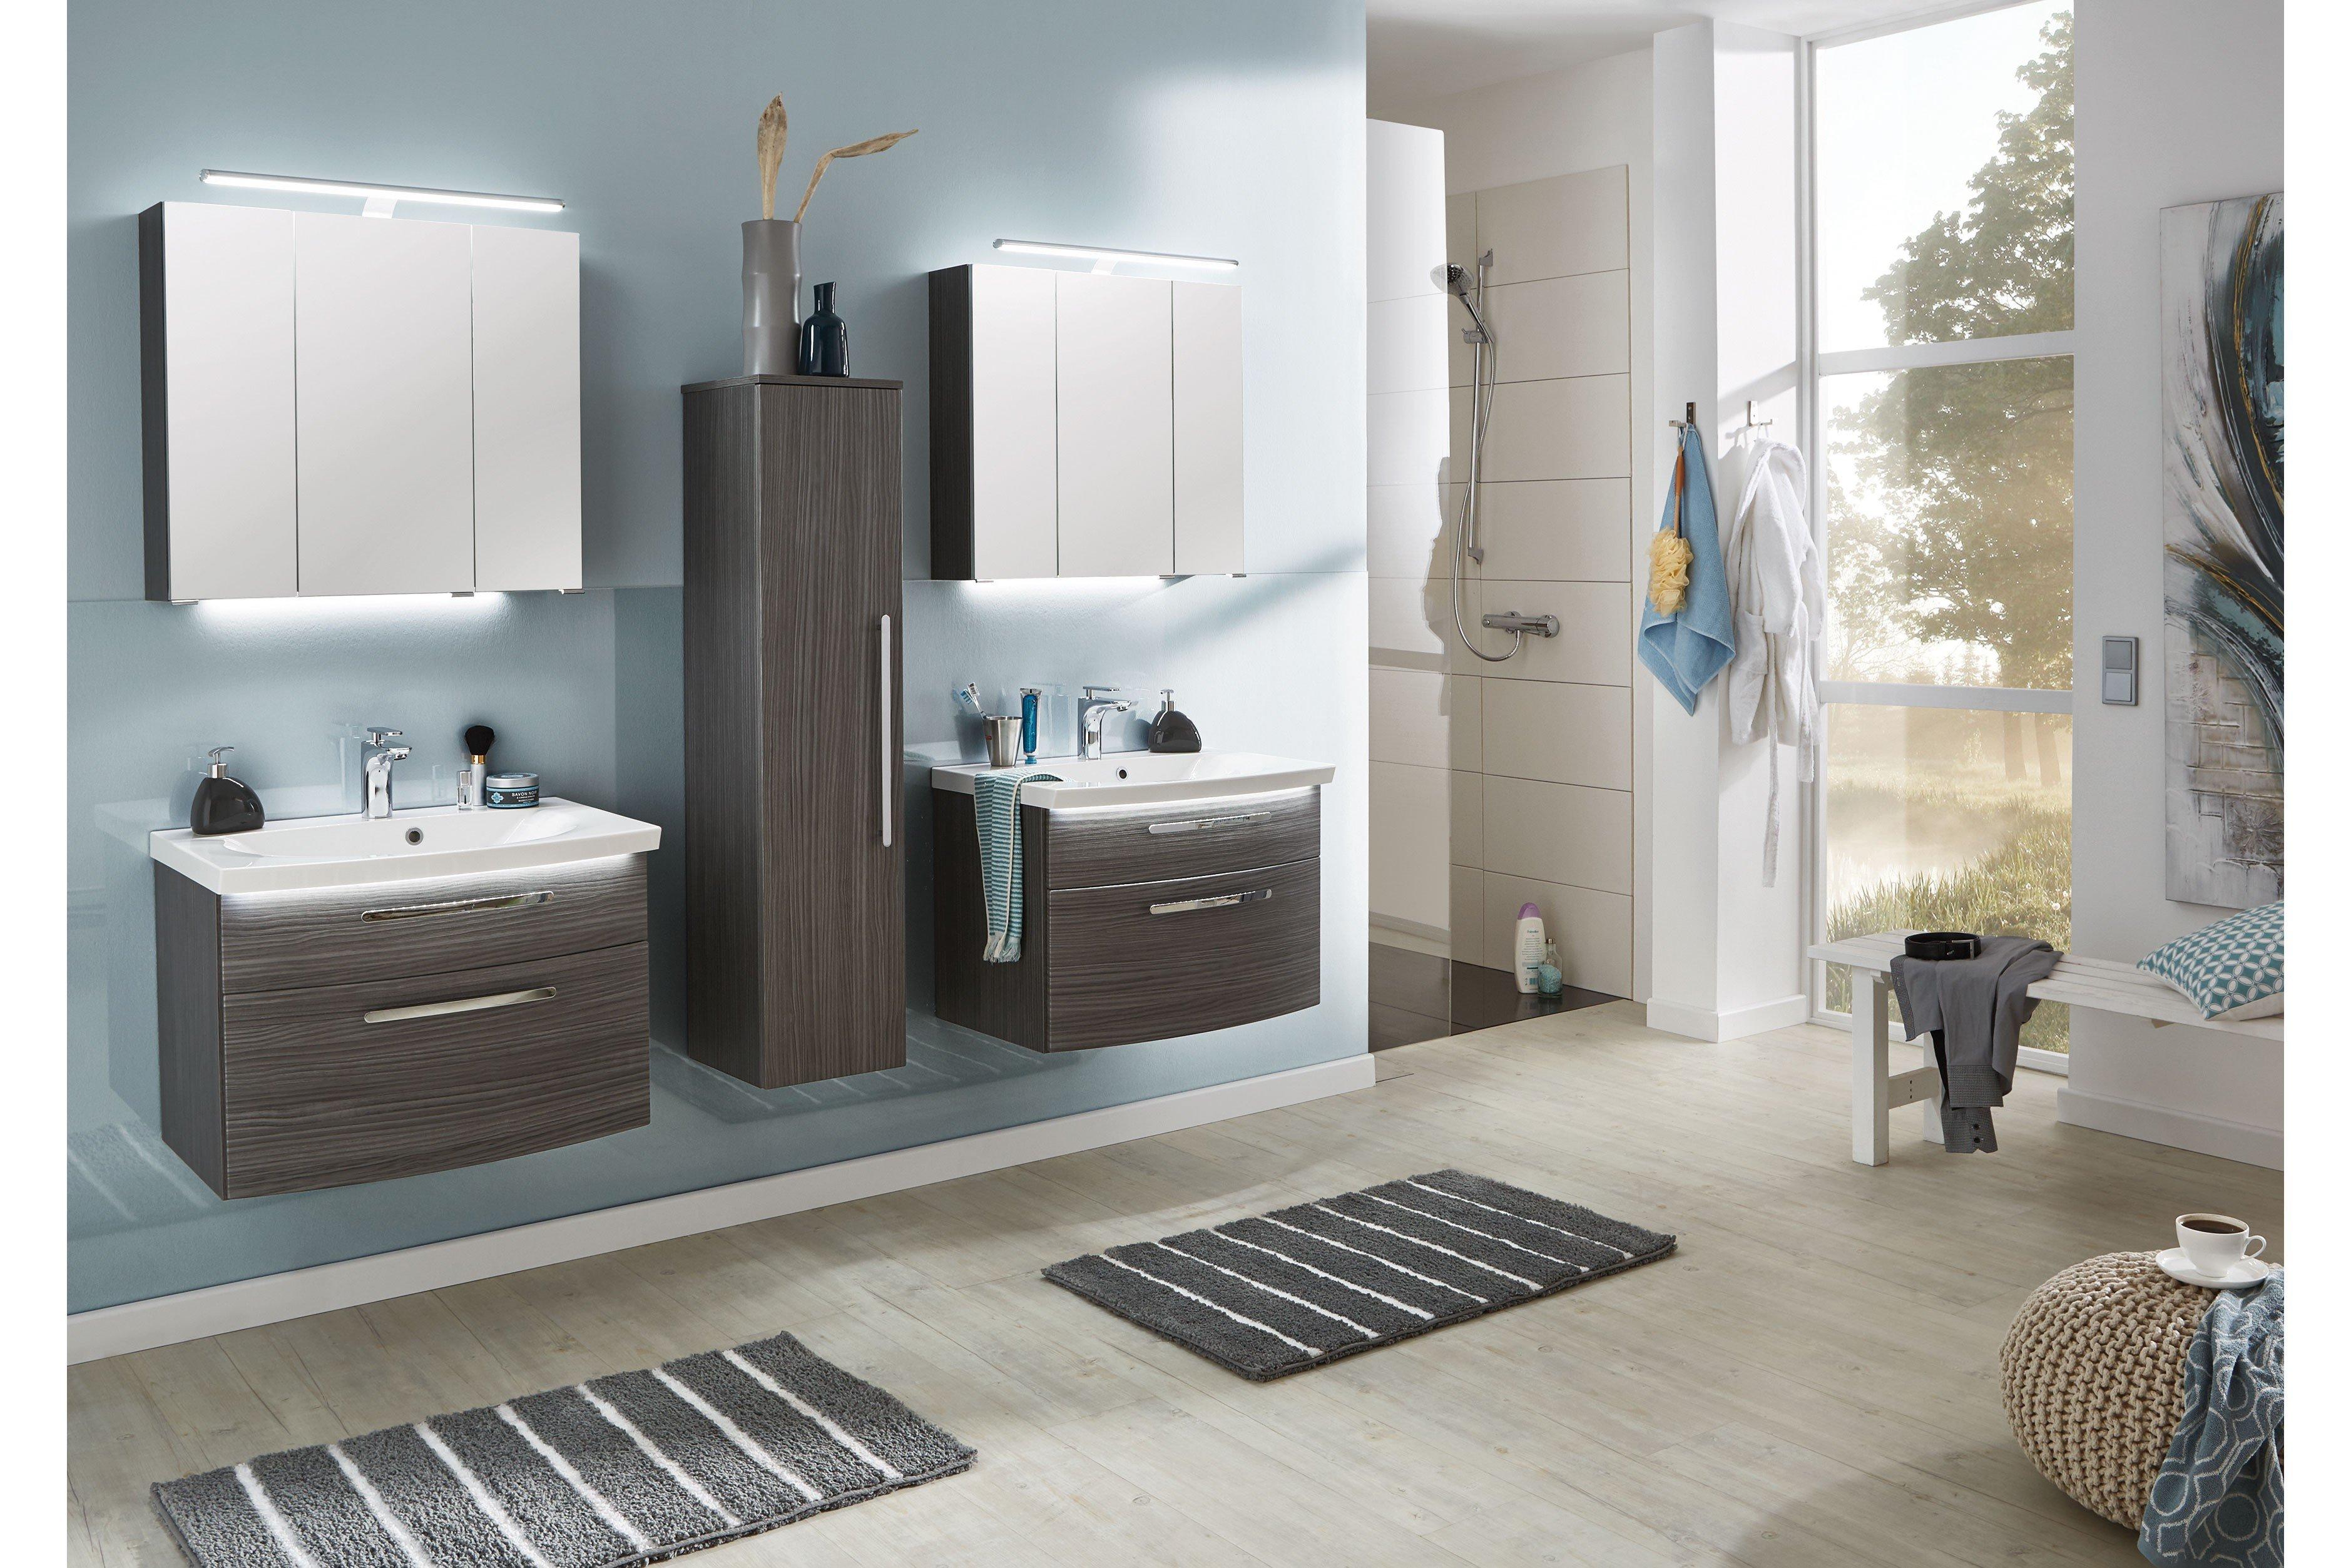 Badezimmer vuelta hacienda grau von puris m bel letz - Badezimmer grau ...